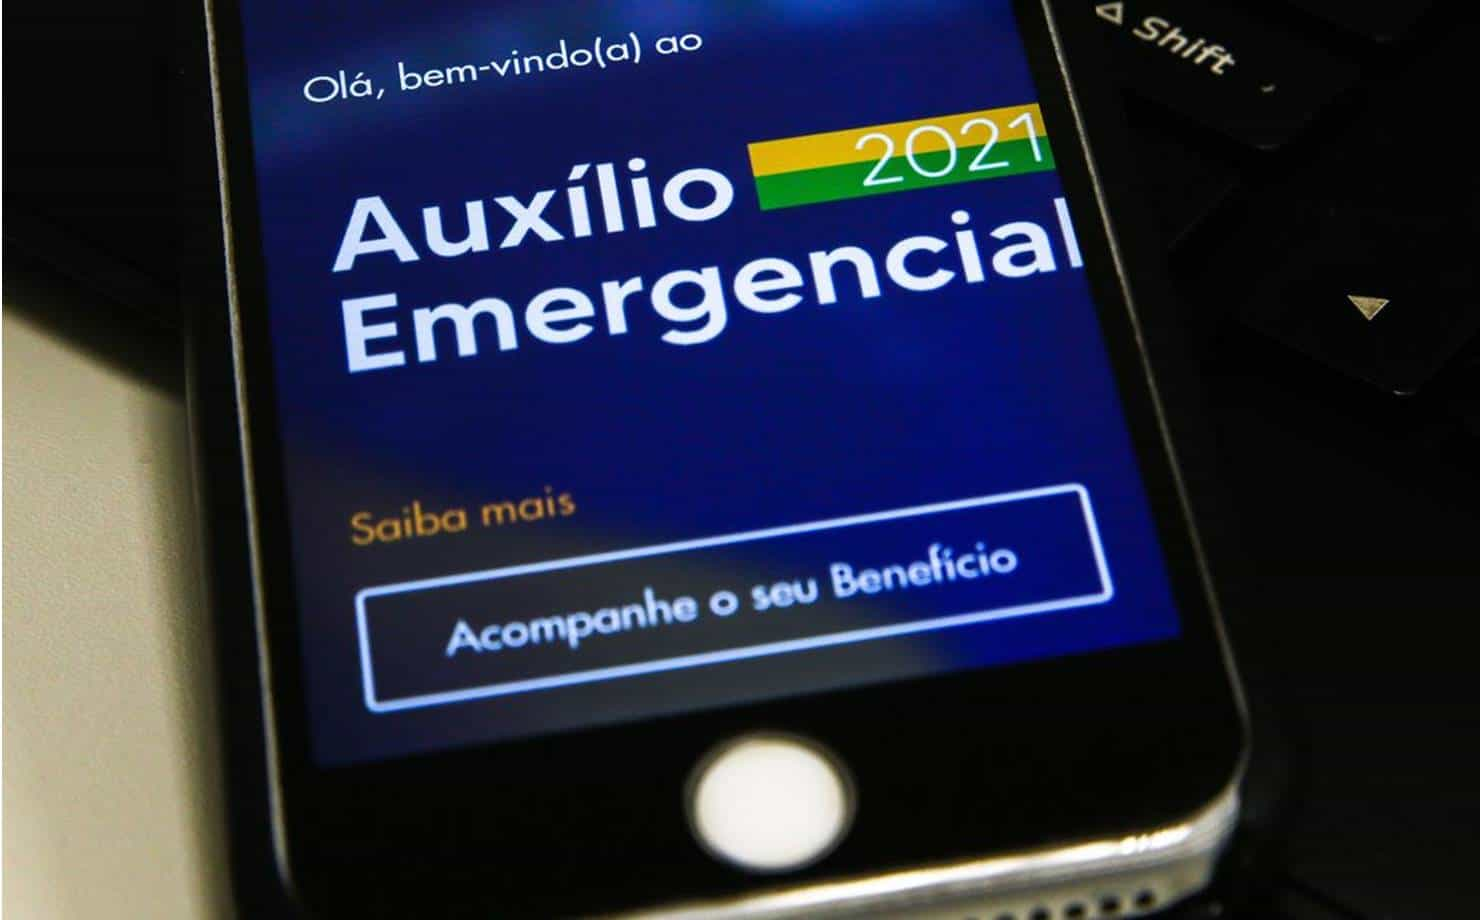 Auxílio Emergencial: 5ª parcela começa a ser paga na semana que vem